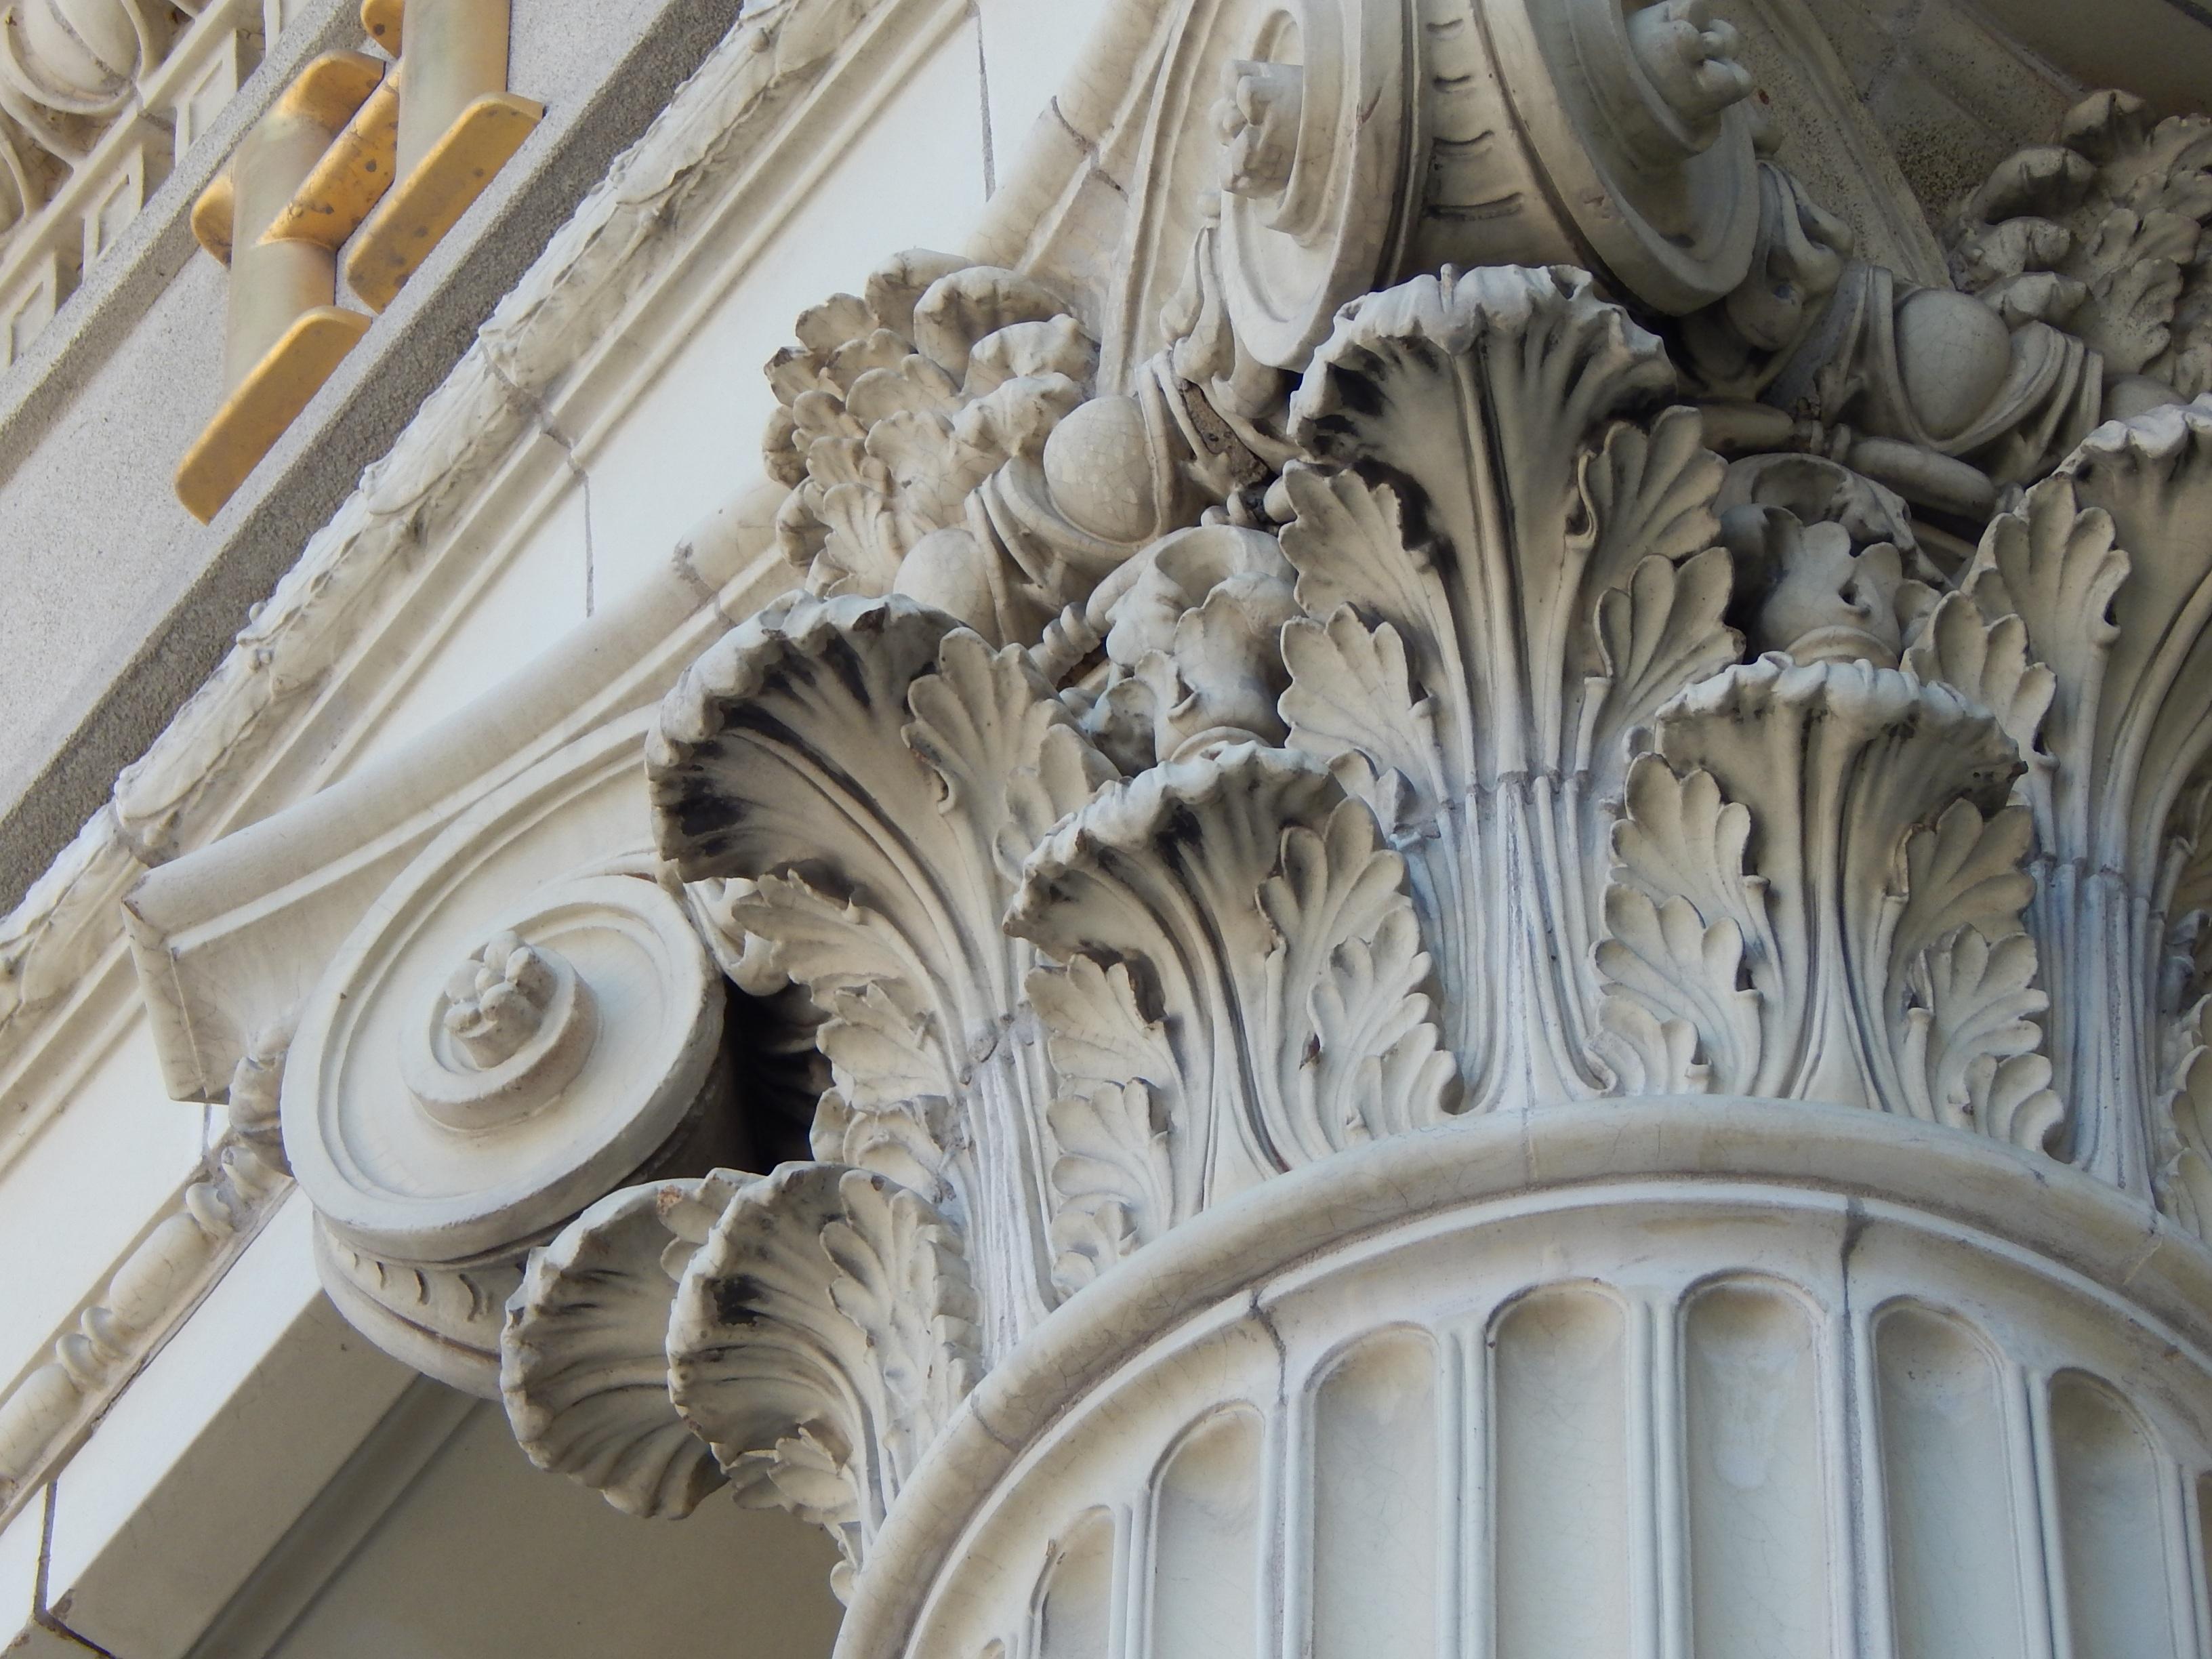 DŽ�料画像 Ż�築 Ƨ�造 Ů�殿 Ń� Ť�井 Ɵ� Â�ラム Ť�聖堂 ƭ�史的な ǂ�灯 Â�ンテリア